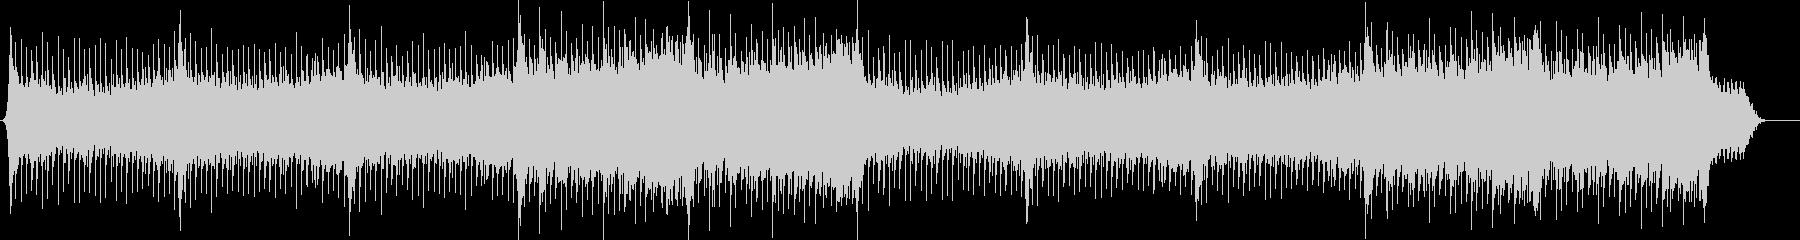 企業VP系117、爽やかギター4つ打ちaの未再生の波形